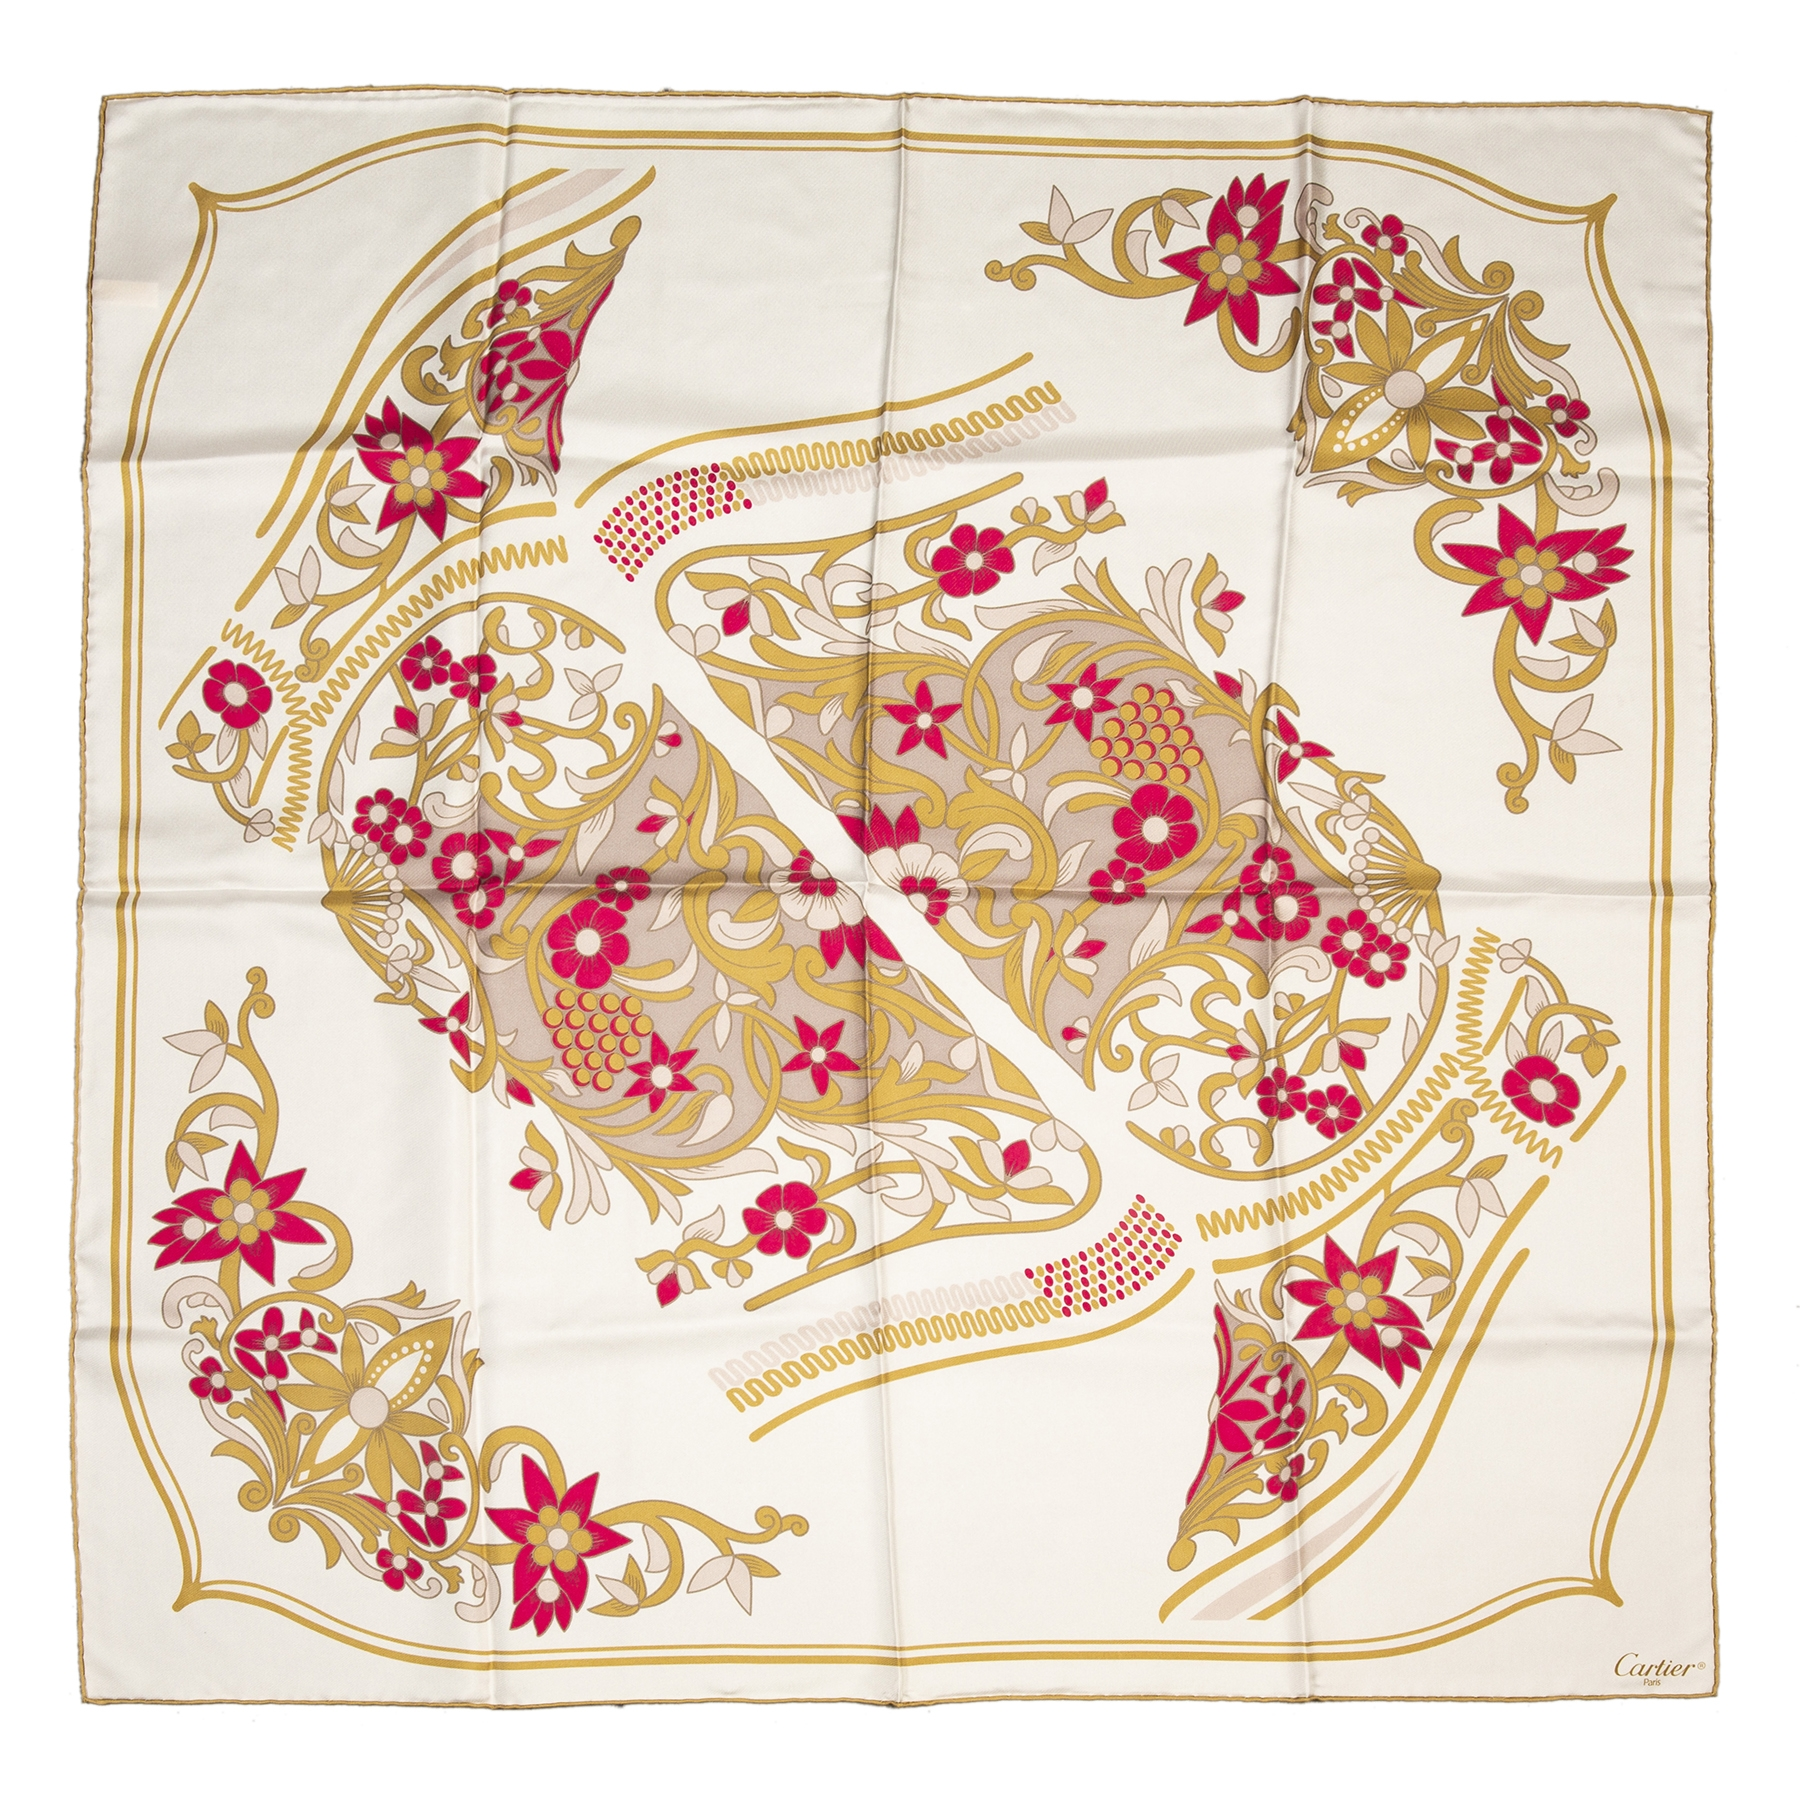 Koop authentieke tweedehands Cartier Beige Flowers Silk Scarf juiste prijs veilig online winkelen LabelLOV webshop luxe merken winkelen Antwerpen België mode fashion